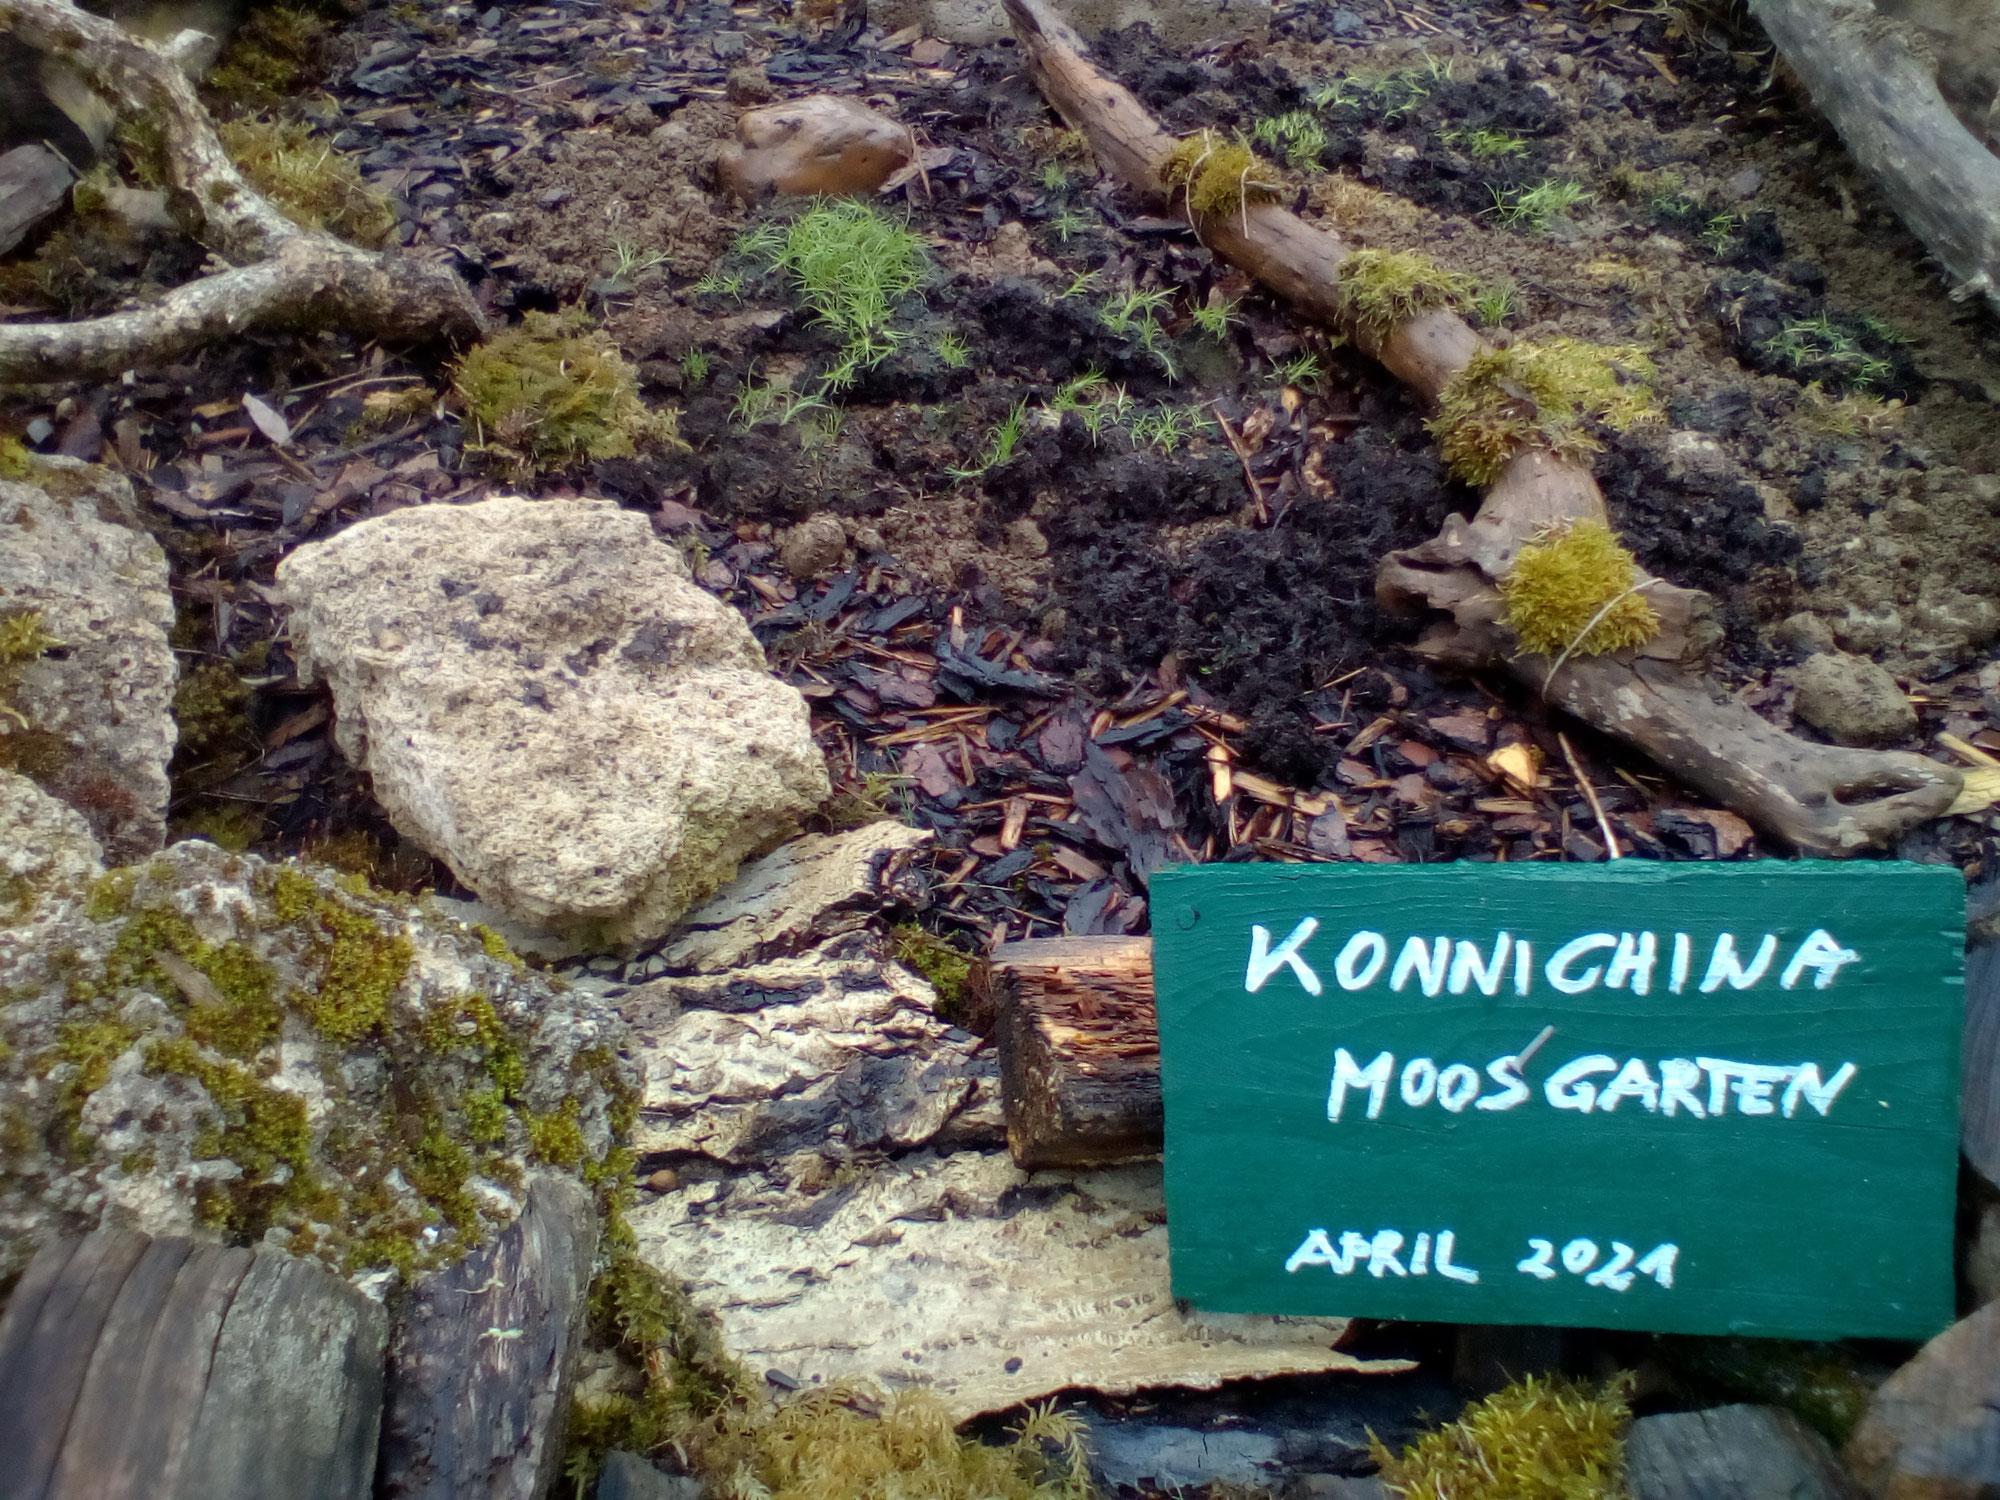 Juhuuu: Phase 2 für Konnichiwa Moosgarten hat begonnen: Jetzt wird gepantscht, gemixt, gestrichen und hauptsächlich gepatzt